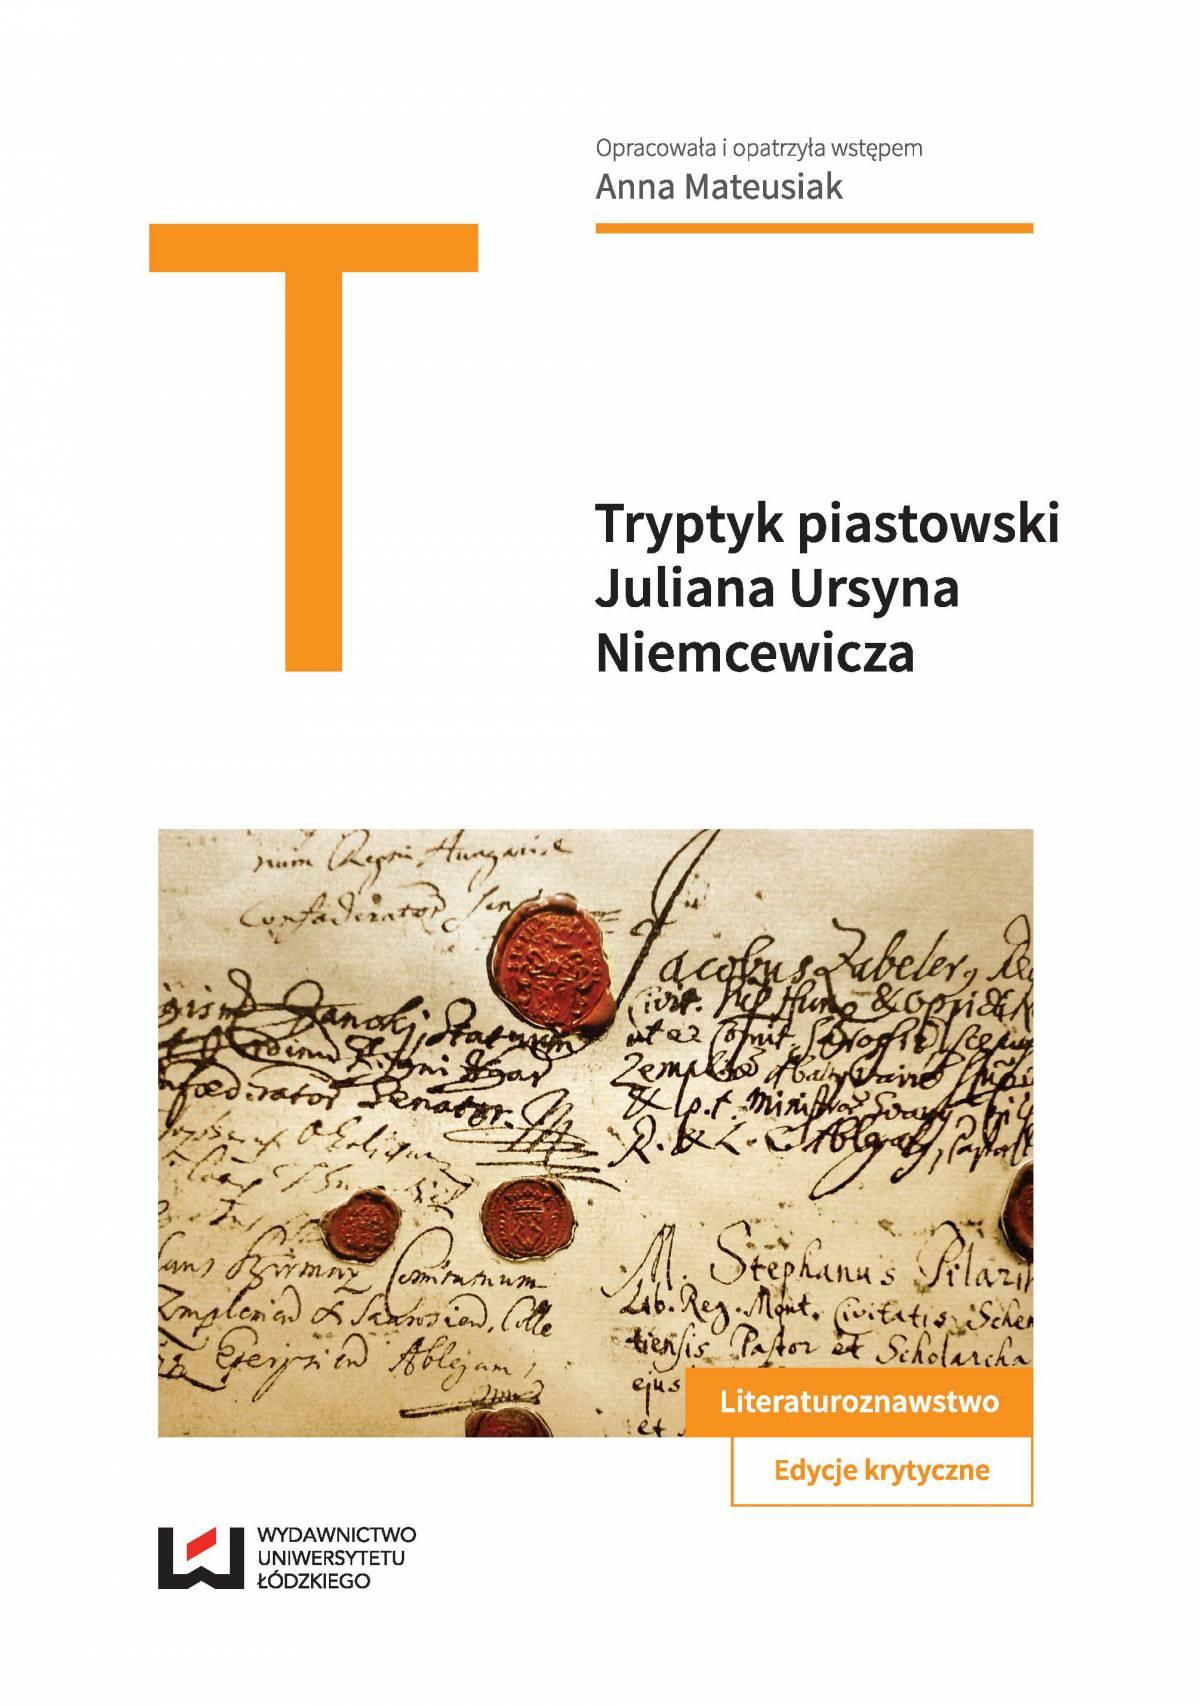 """Tryptyk piastowski: """"Kazimierz Wielki"""", """"Jadwiga, królowa polska"""", """"Piast"""" Juliana Ursyna Niemcewicza - Ebook (Książka PDF) do pobrania w formacie PDF"""